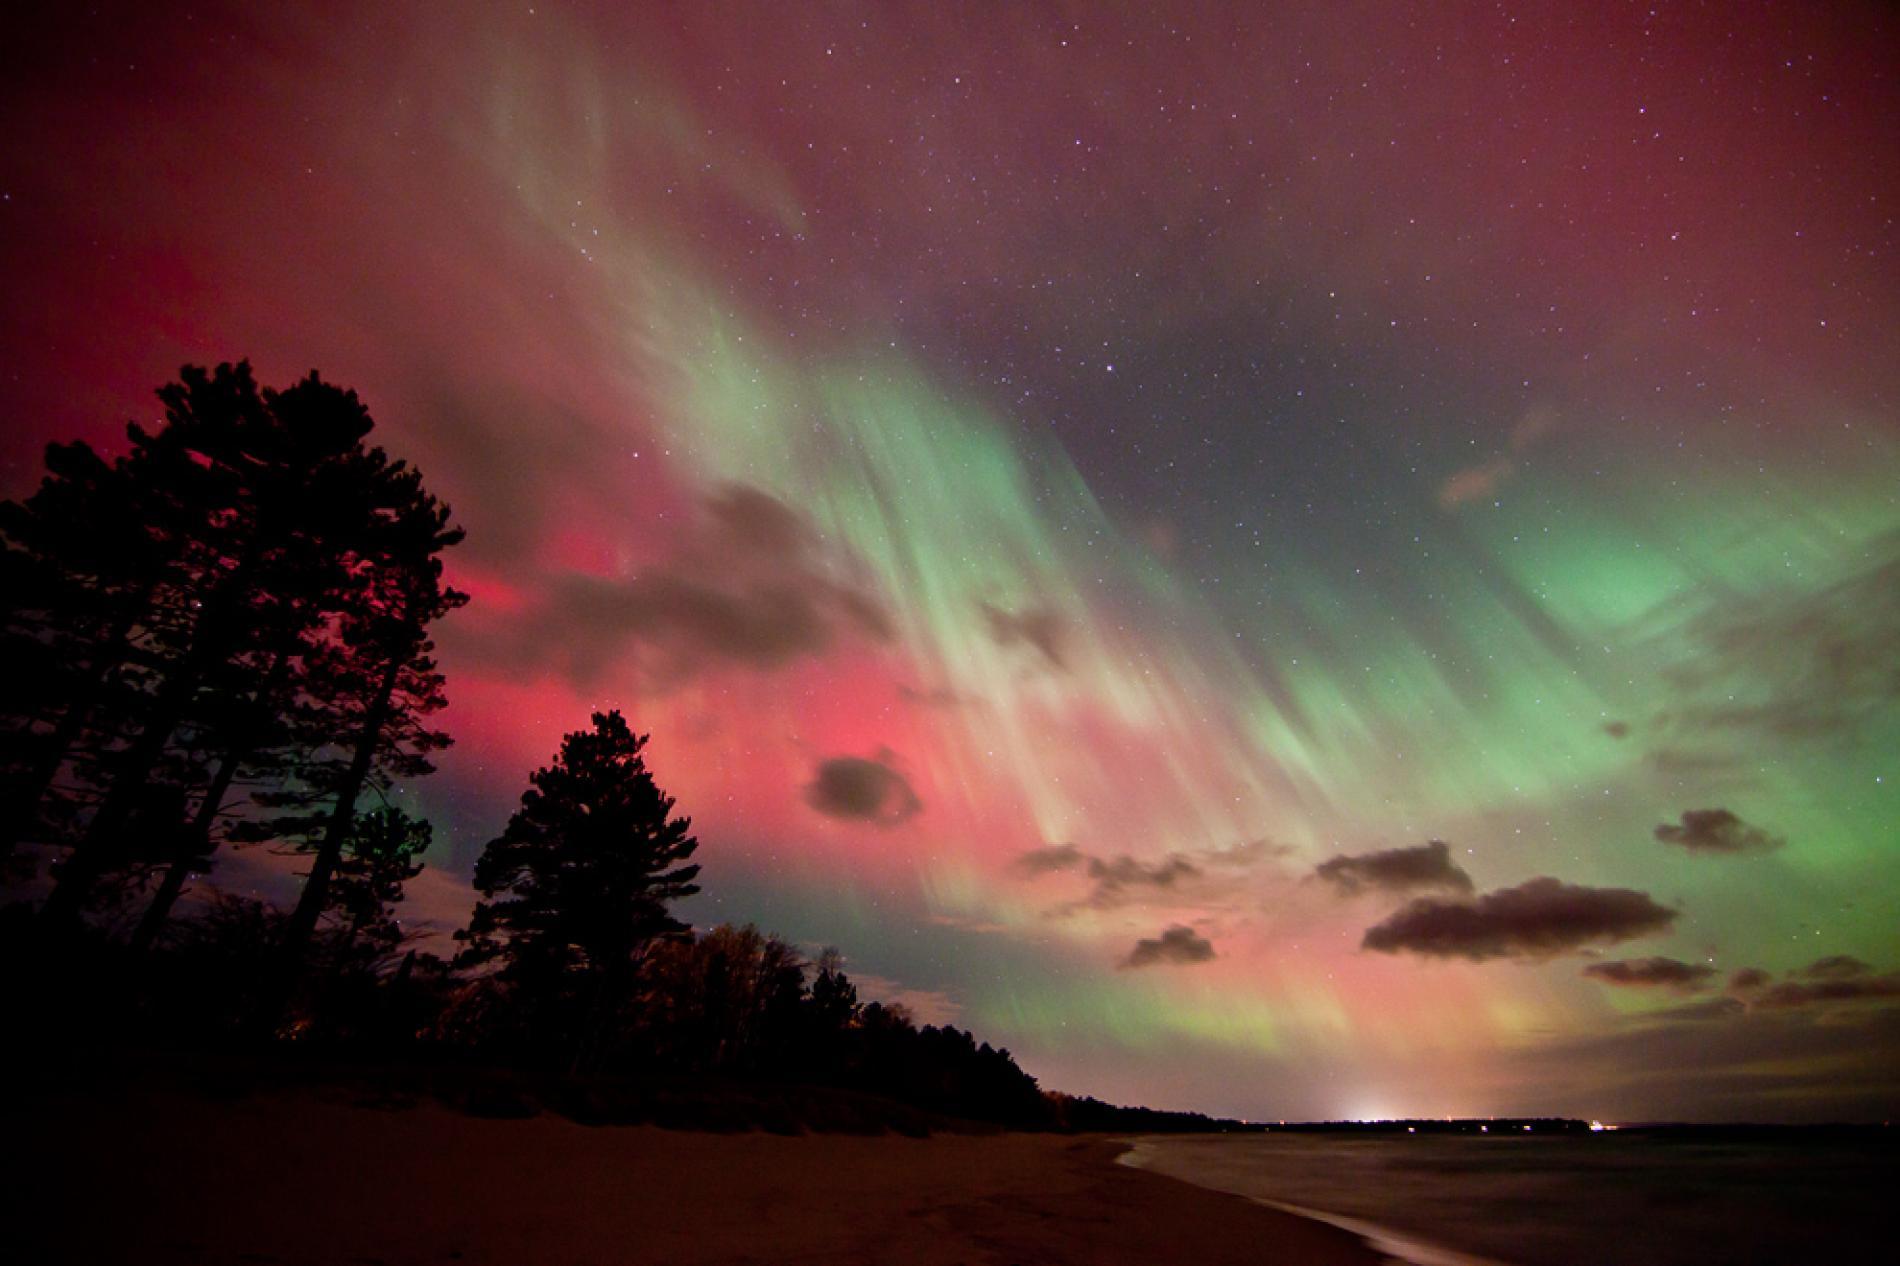 Espulsione di massa coronale record: in arrivo spettacolari aurore